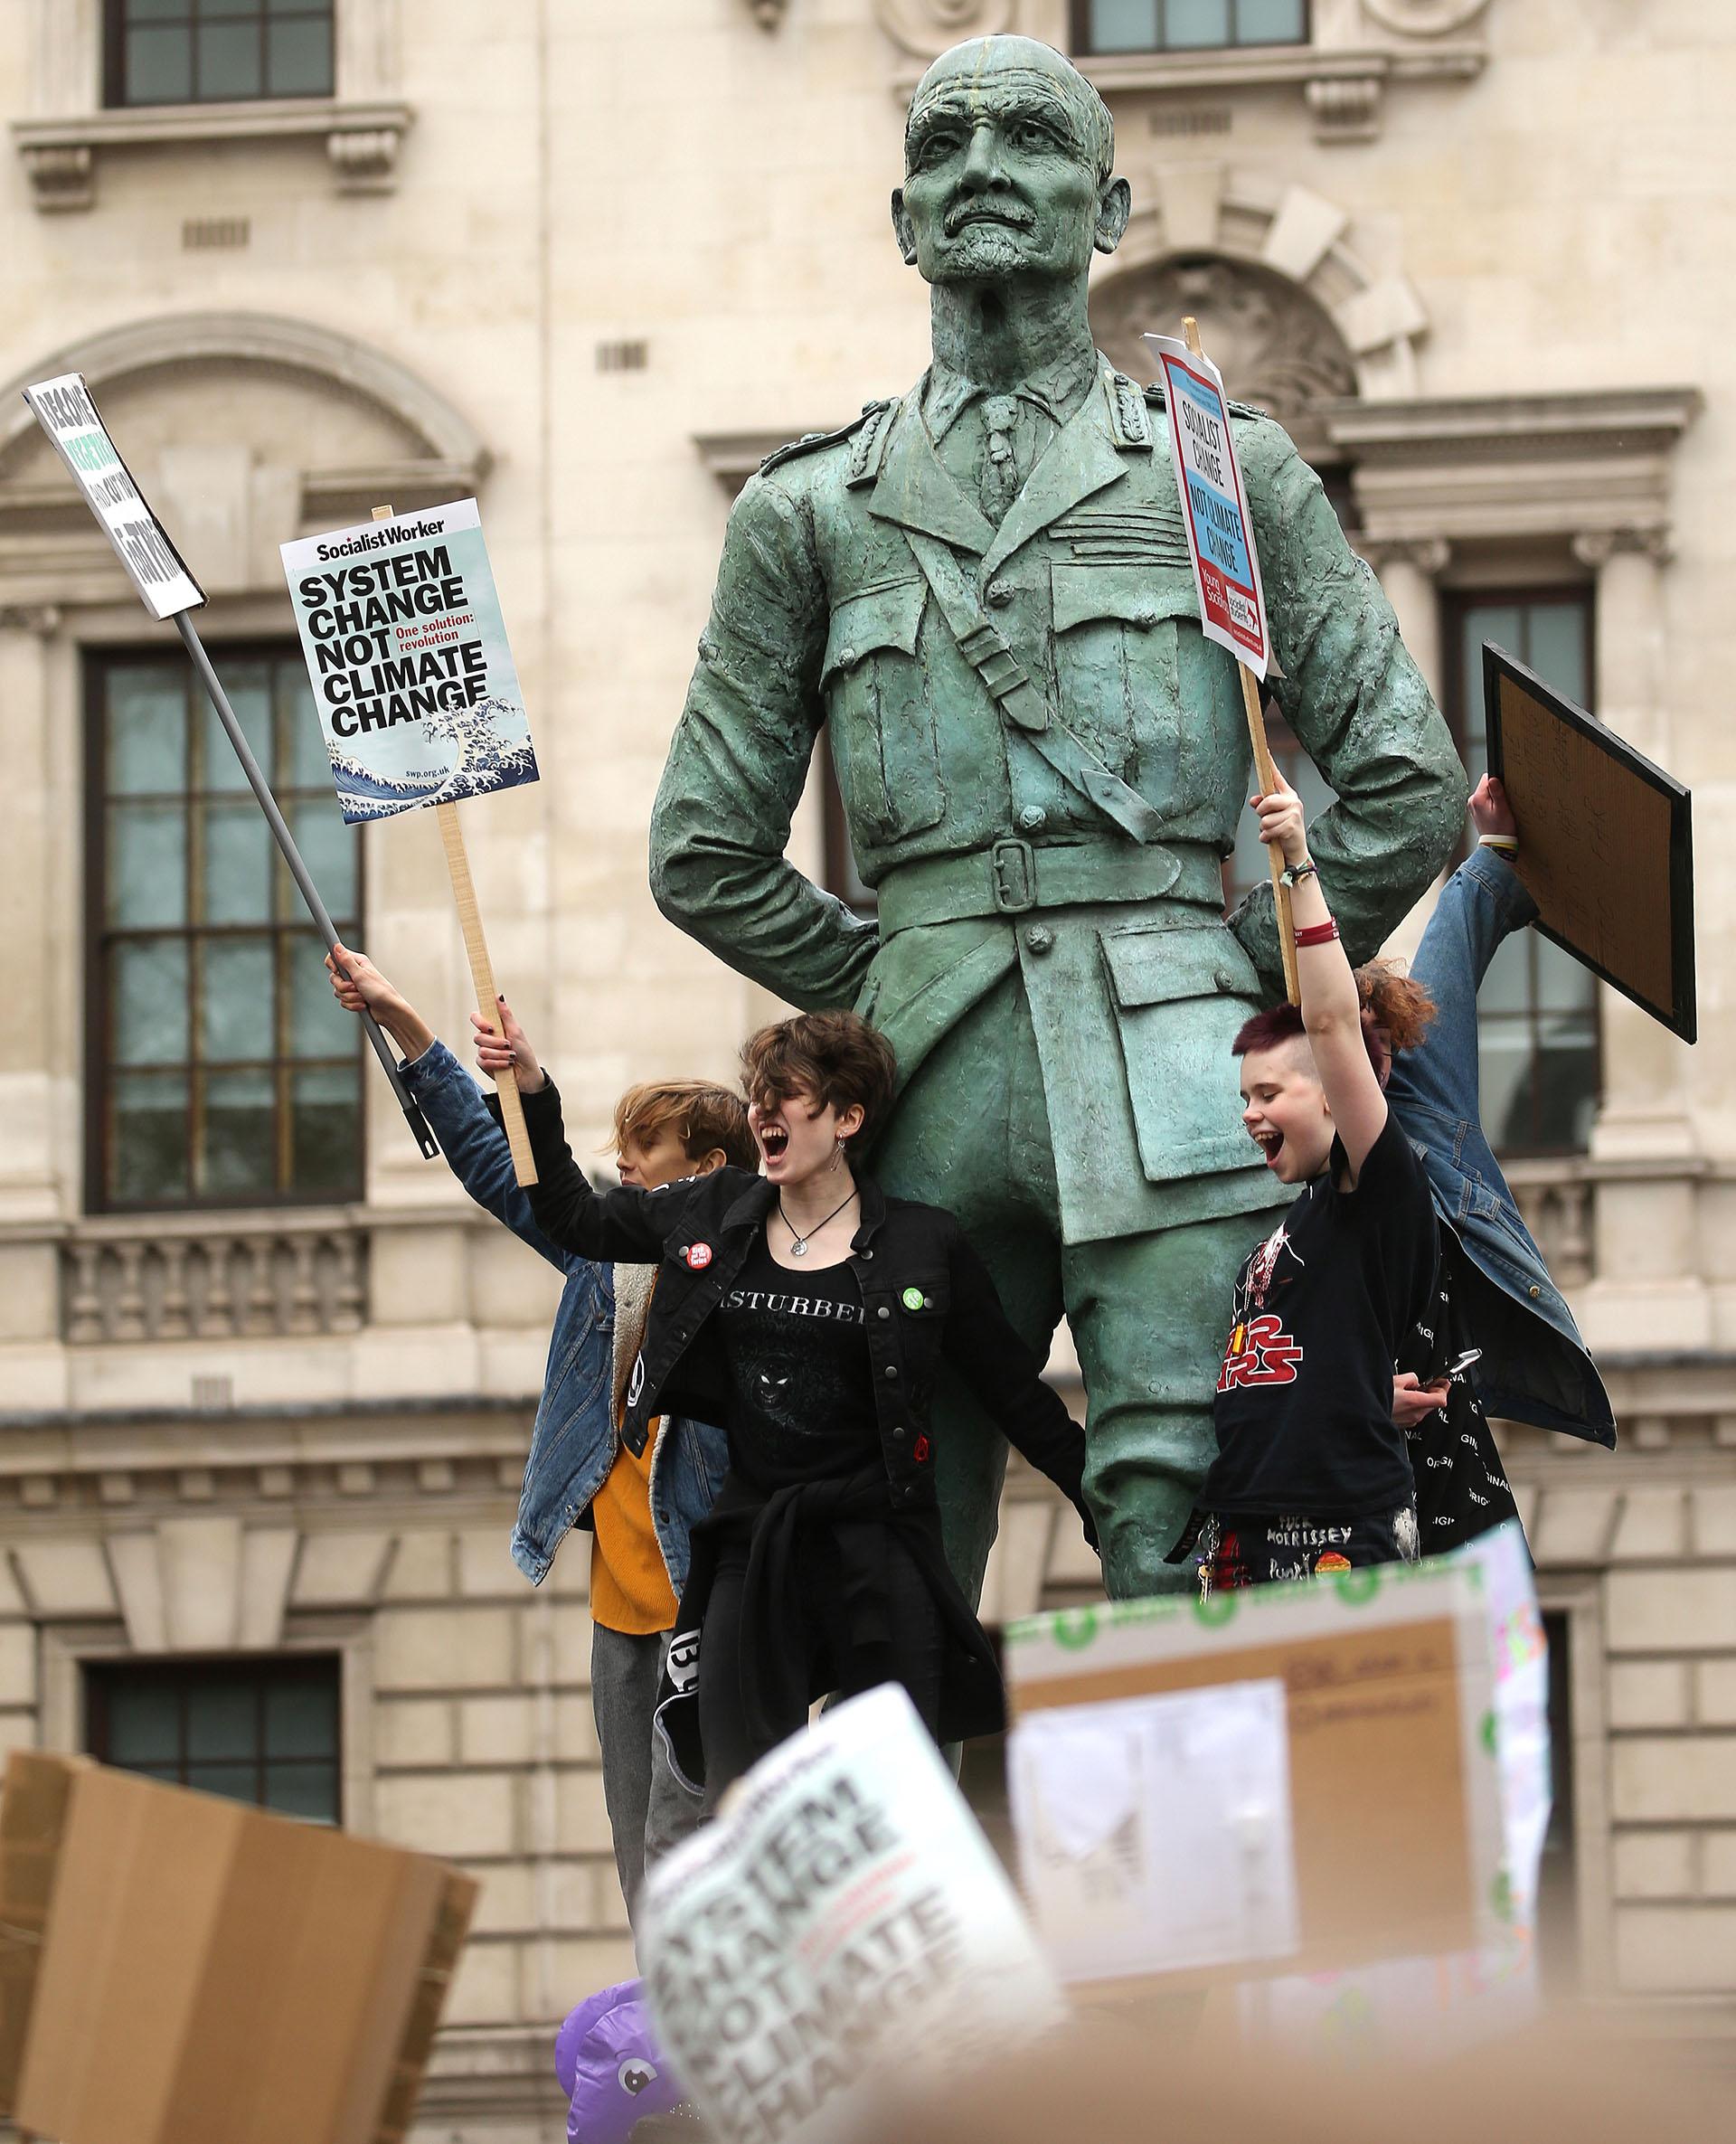 En Londresmiles de adolescentes tomaron las calles(Photo by ISABEL INFANTES / AFP)